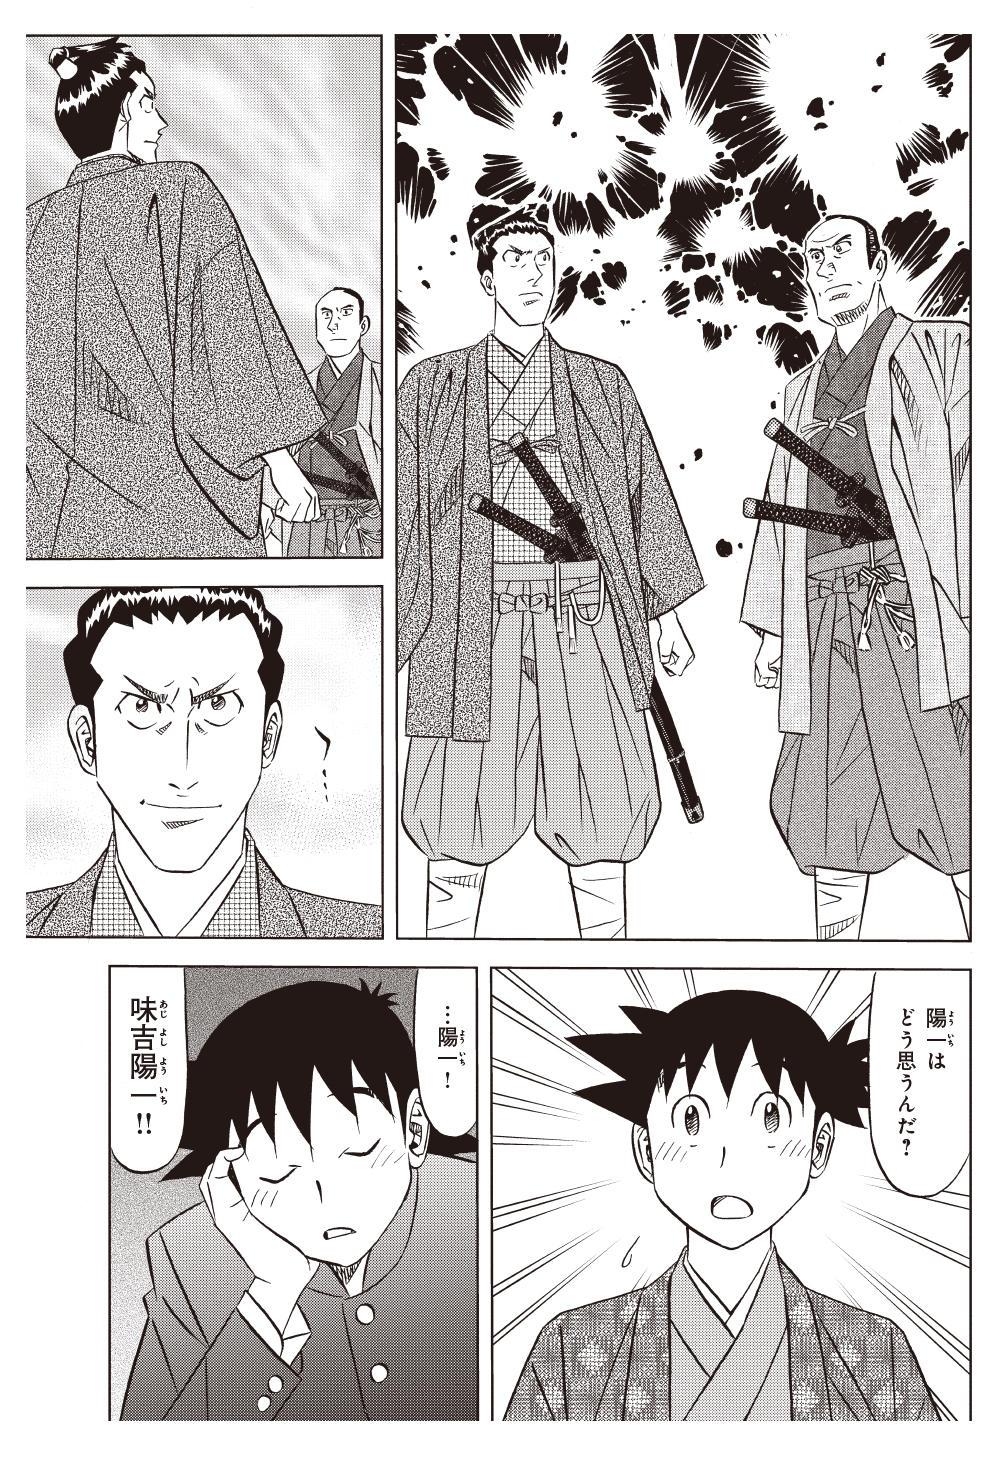 ミスター味っ子 幕末編 第3話「黄金大陸」②ajikko02-107.jpg